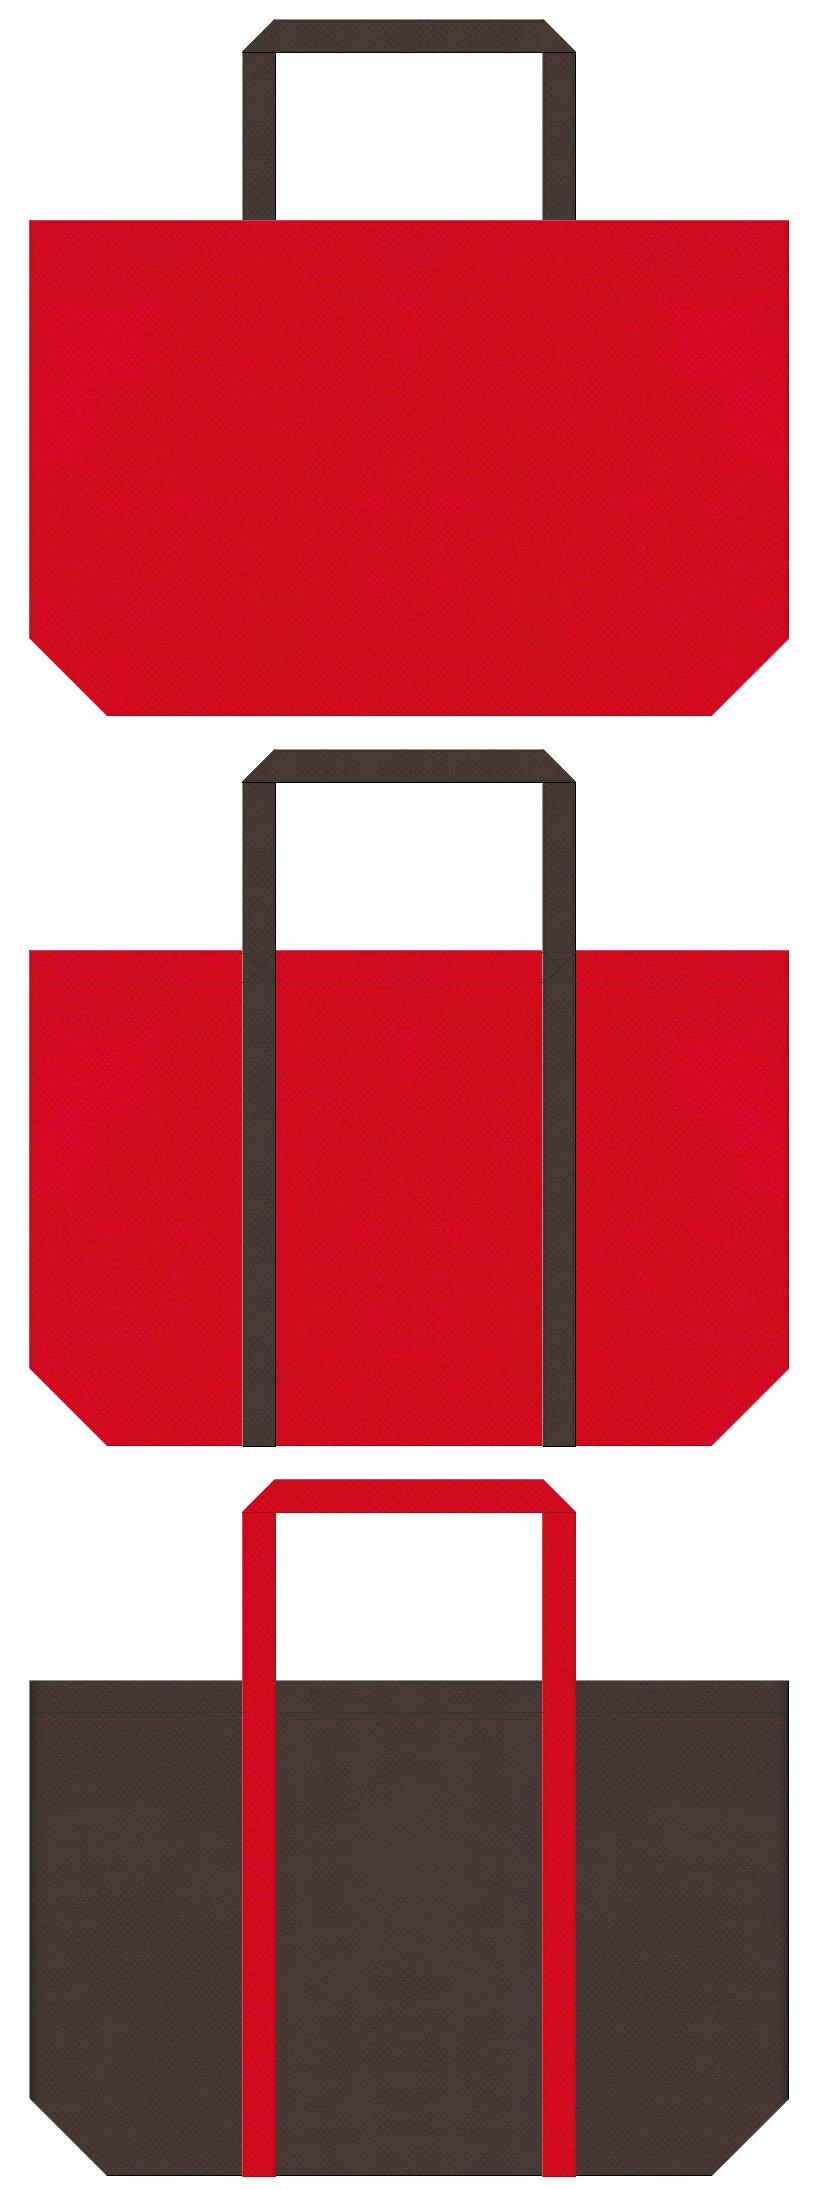 クリスマスセールにお奨めの不織布バッグデザイン:紅色とこげ茶色のコーデ